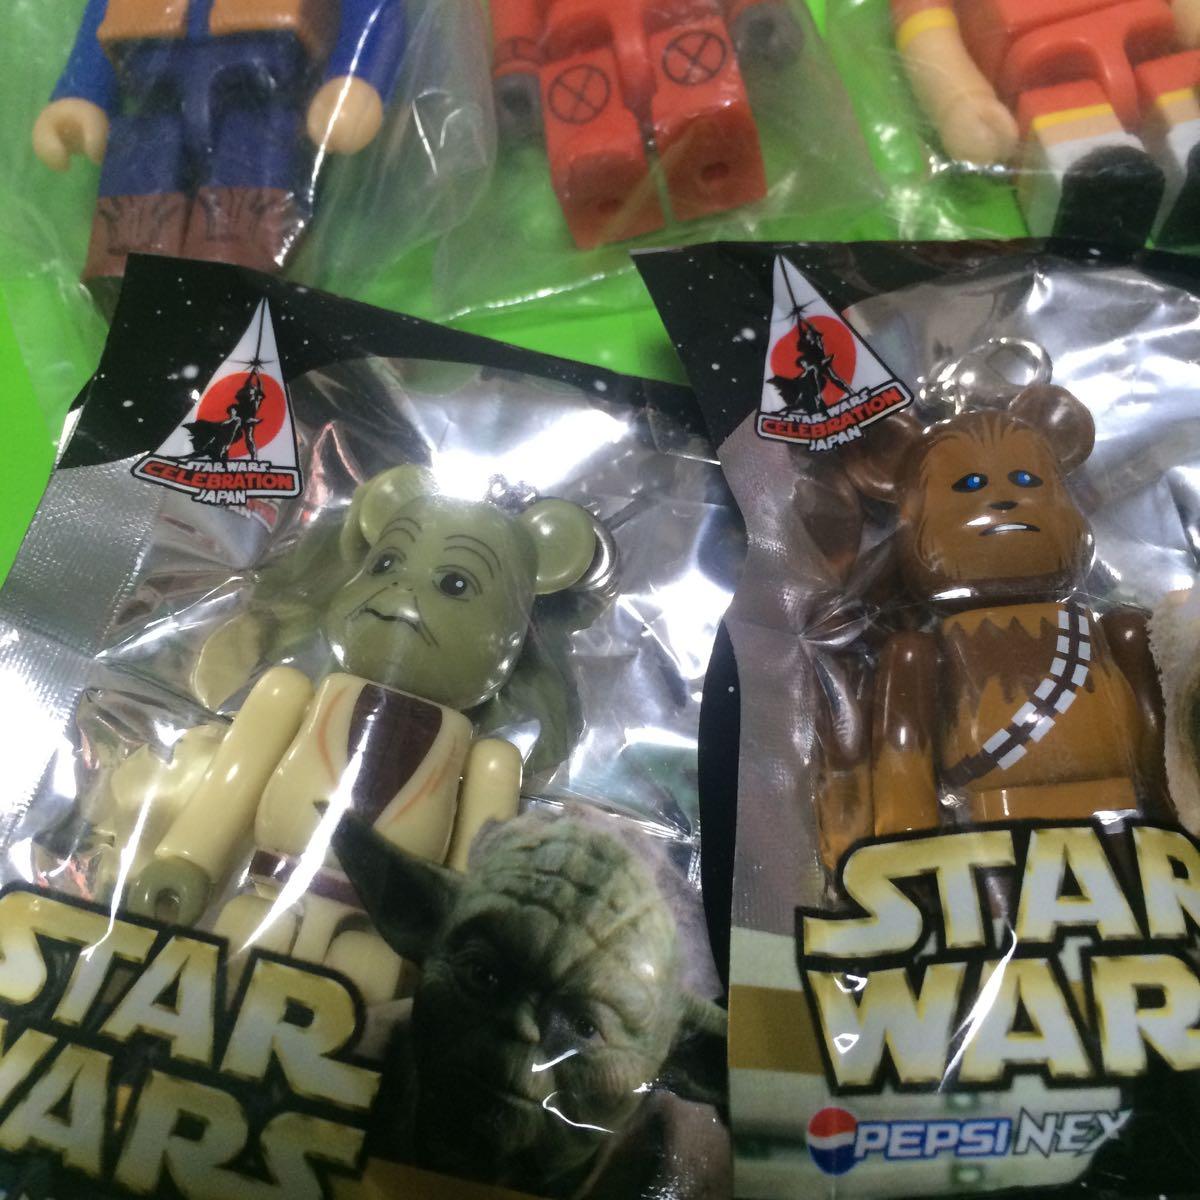 ペプシ ベアブリック BE@RBRICK スターウォーズ (R2-D2 チューバッカ ヨーダ) 3種/ KUBRICK キューブリック グリコビスコ(3種)_画像3